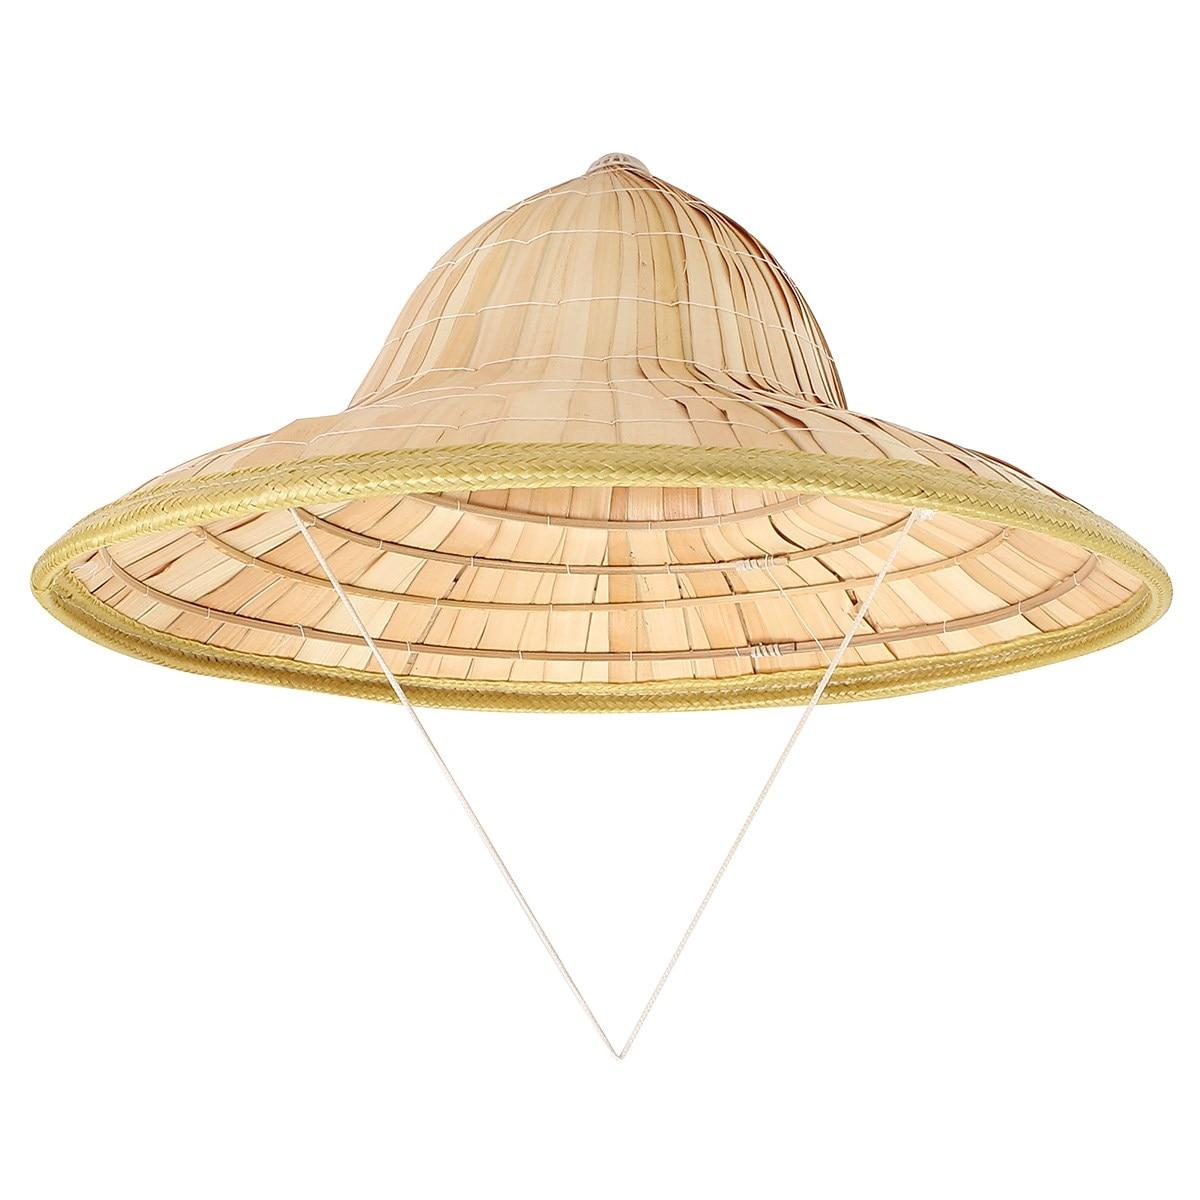 2018 Handmade Weave Straw Hat Chinese Style Bamboo Rattan Hats Steeple Retro Tourism Rain Caps Fisherman Bucket Hat Sunshade